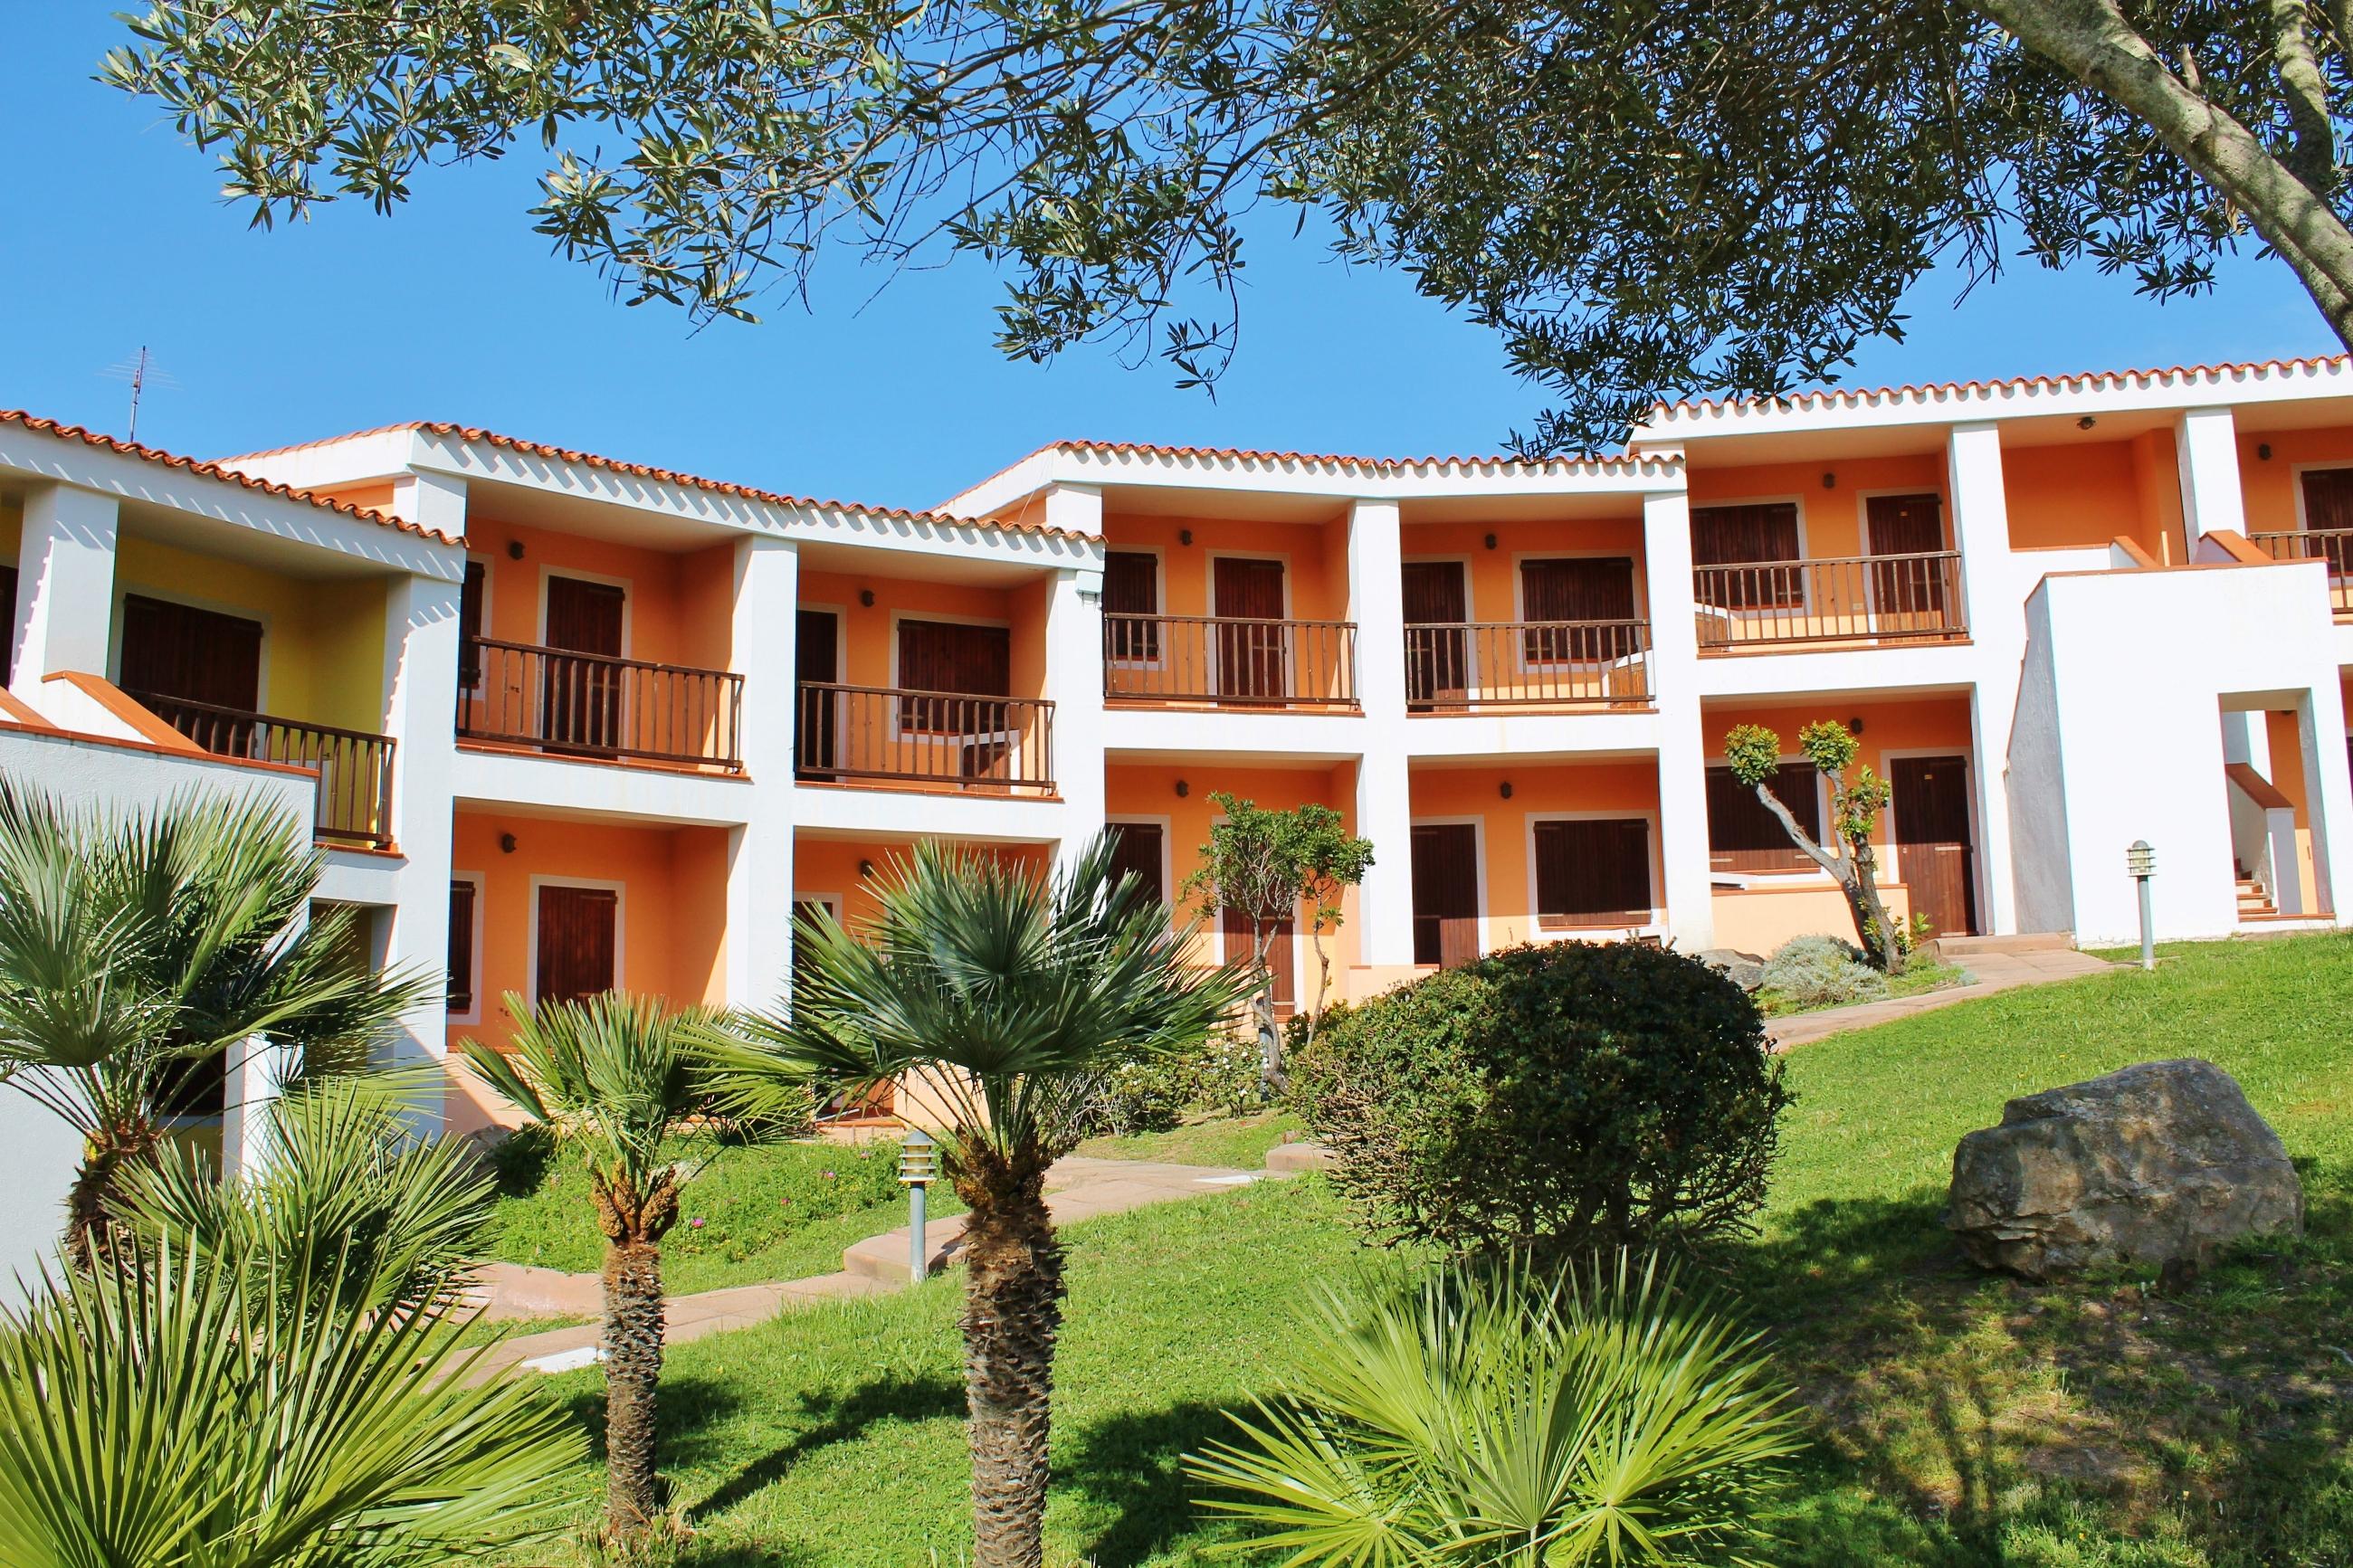 costa-serena-village-06